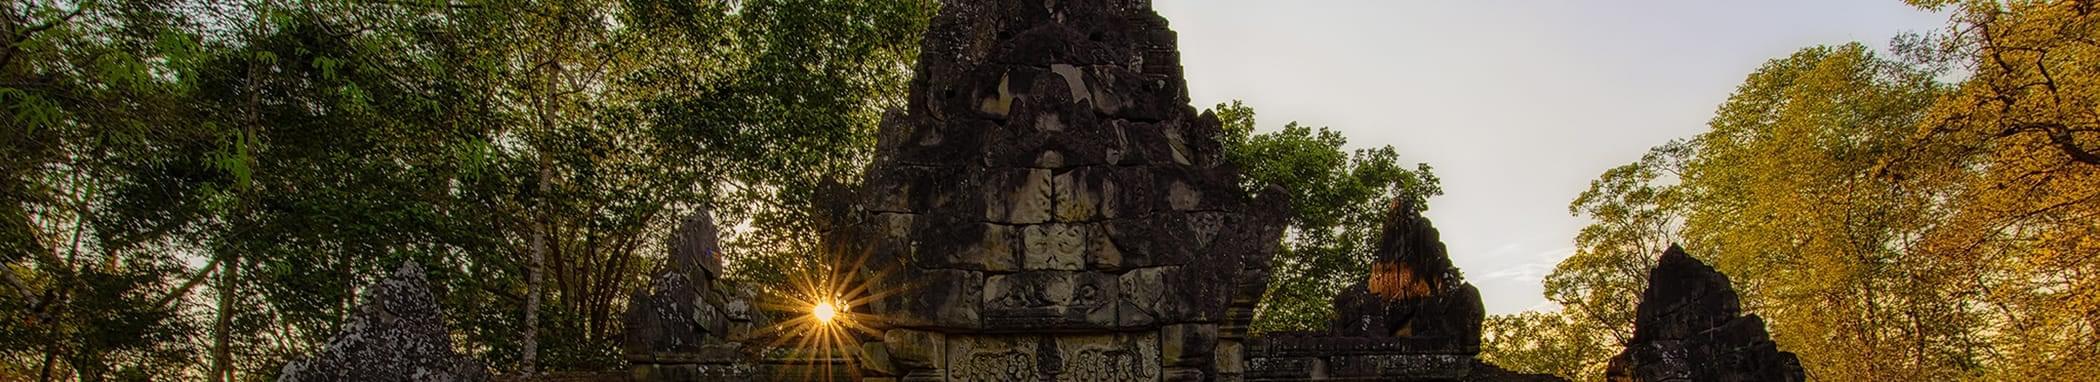 Королевство Вишну:<br>Сием Реап, Ангкор, Сием Реап